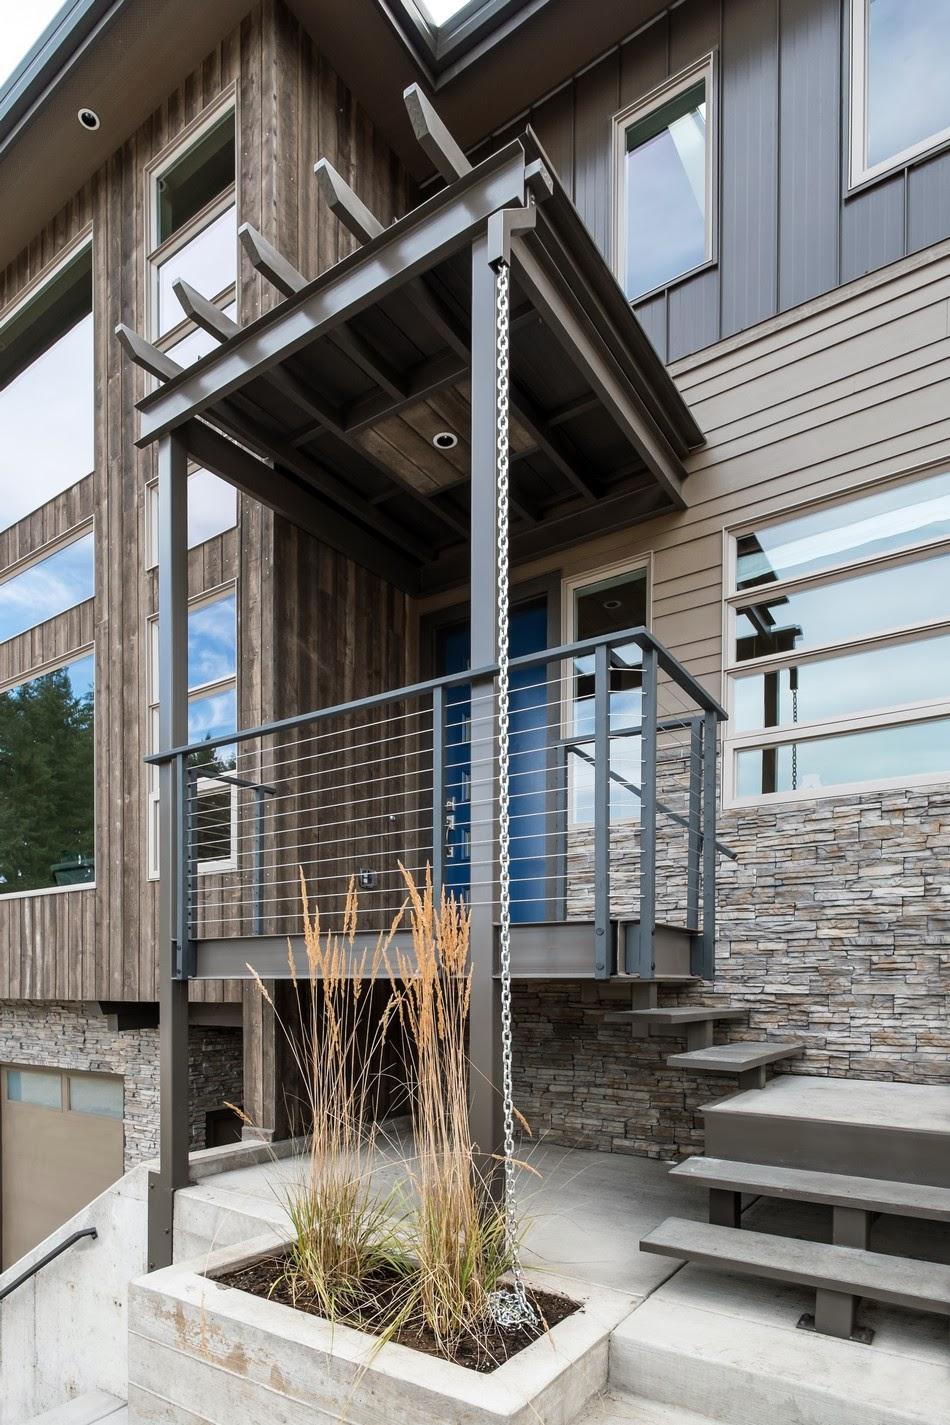 Biasanya orang Indonesia menggunakan beton untuk bagian bawah rumahnya kemudian setelah beberapa meter tingginya barulah menggunakan kayu. & Gambar Desain Rumah Artis Paling Mewah Kombinasi Kayu dan Batu yang ...